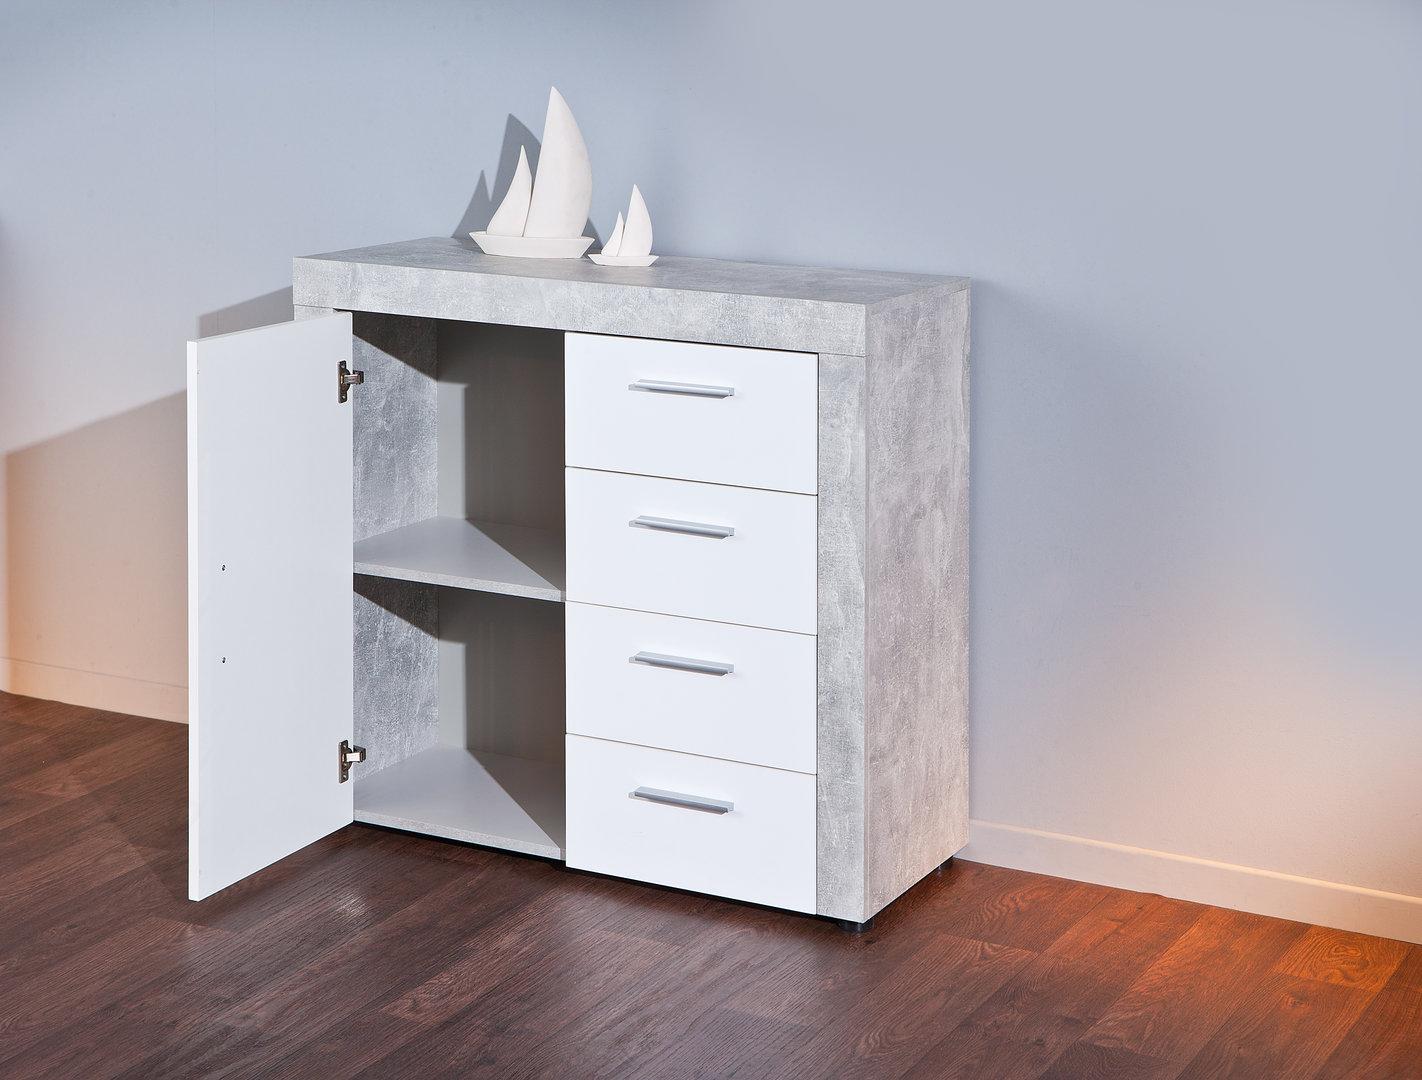 Awesome Mobiletto Soggiorno Images - Idee Arredamento Casa ...